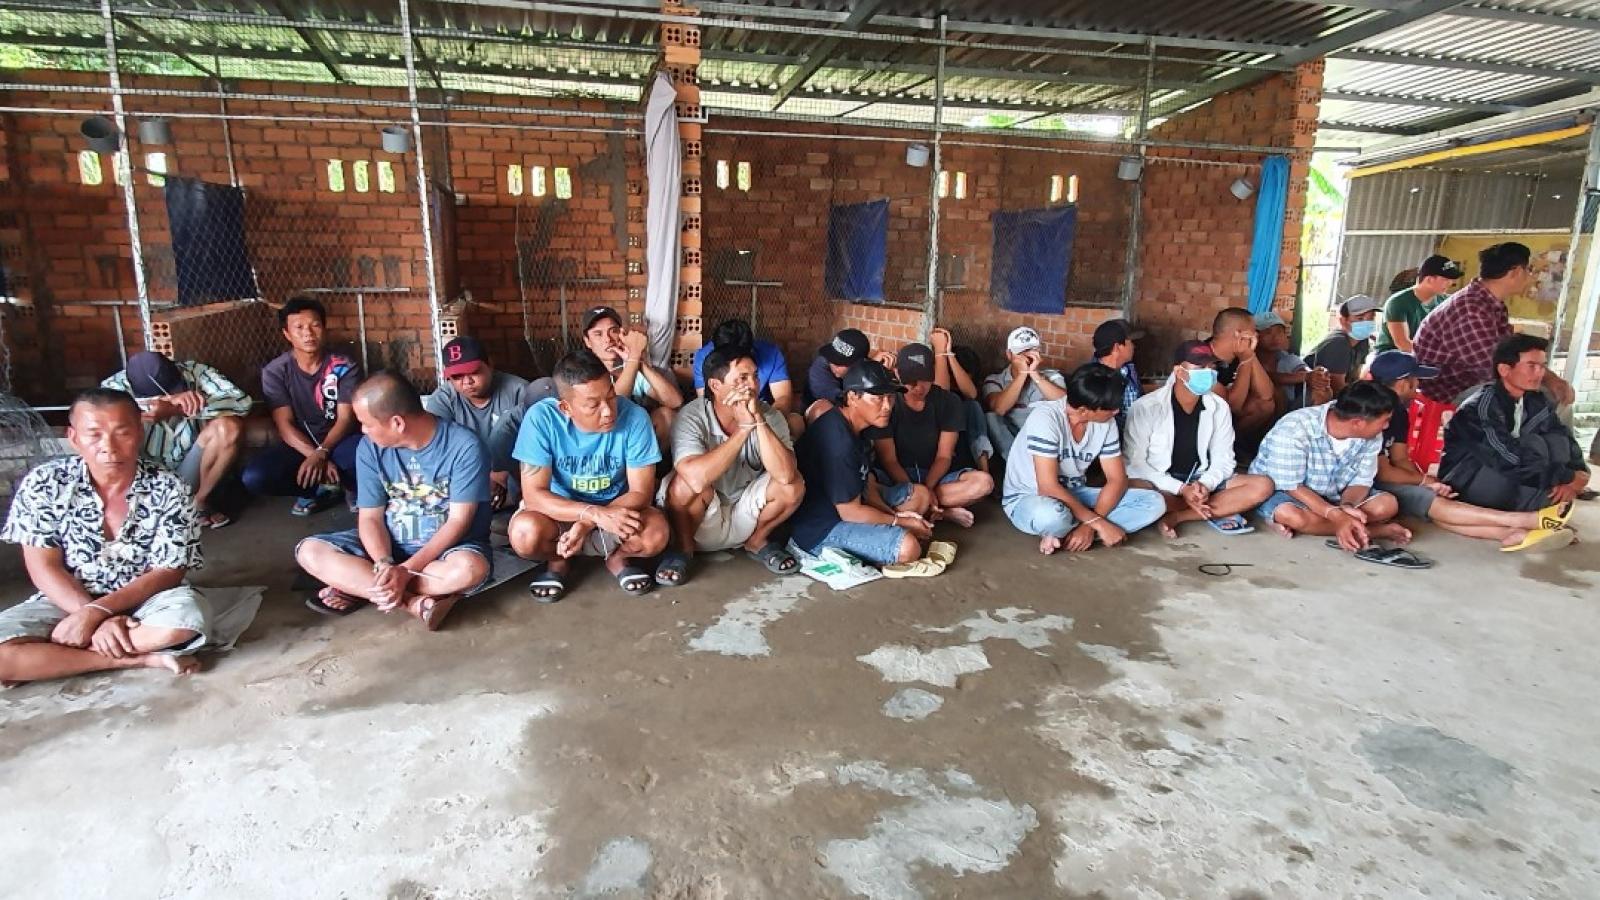 Tạm giữ 26 người tham giatụ điểm đá gà ăn tiền tại Kiên Giang